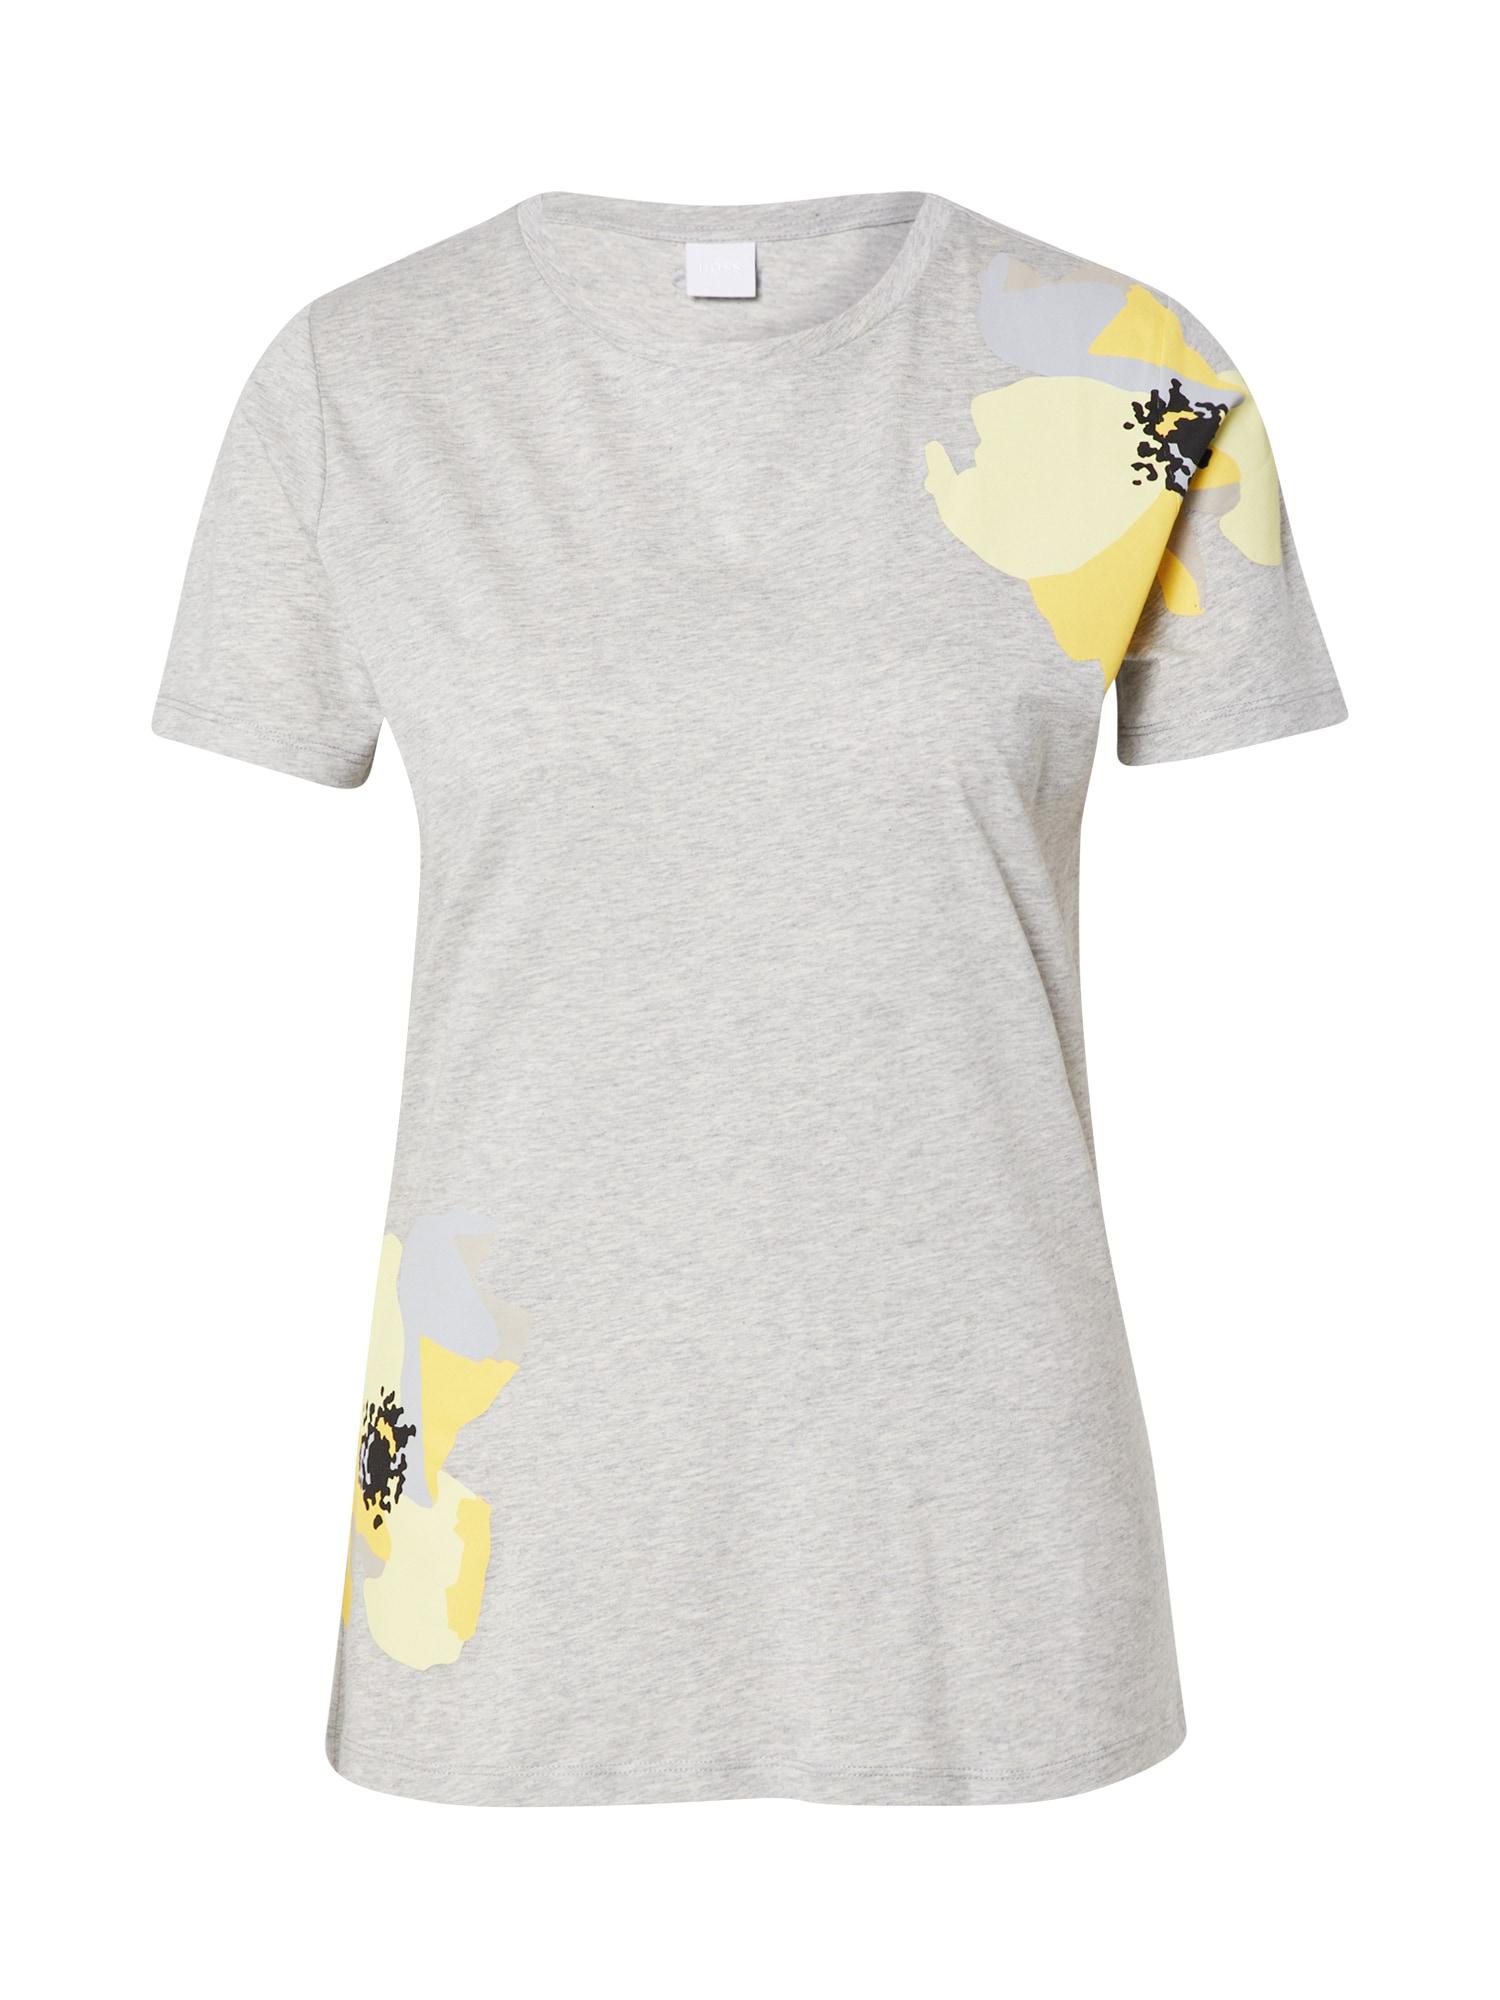 BOSS Marškinėliai 'Tebloom' sidabras / pilka / šviesiai geltona